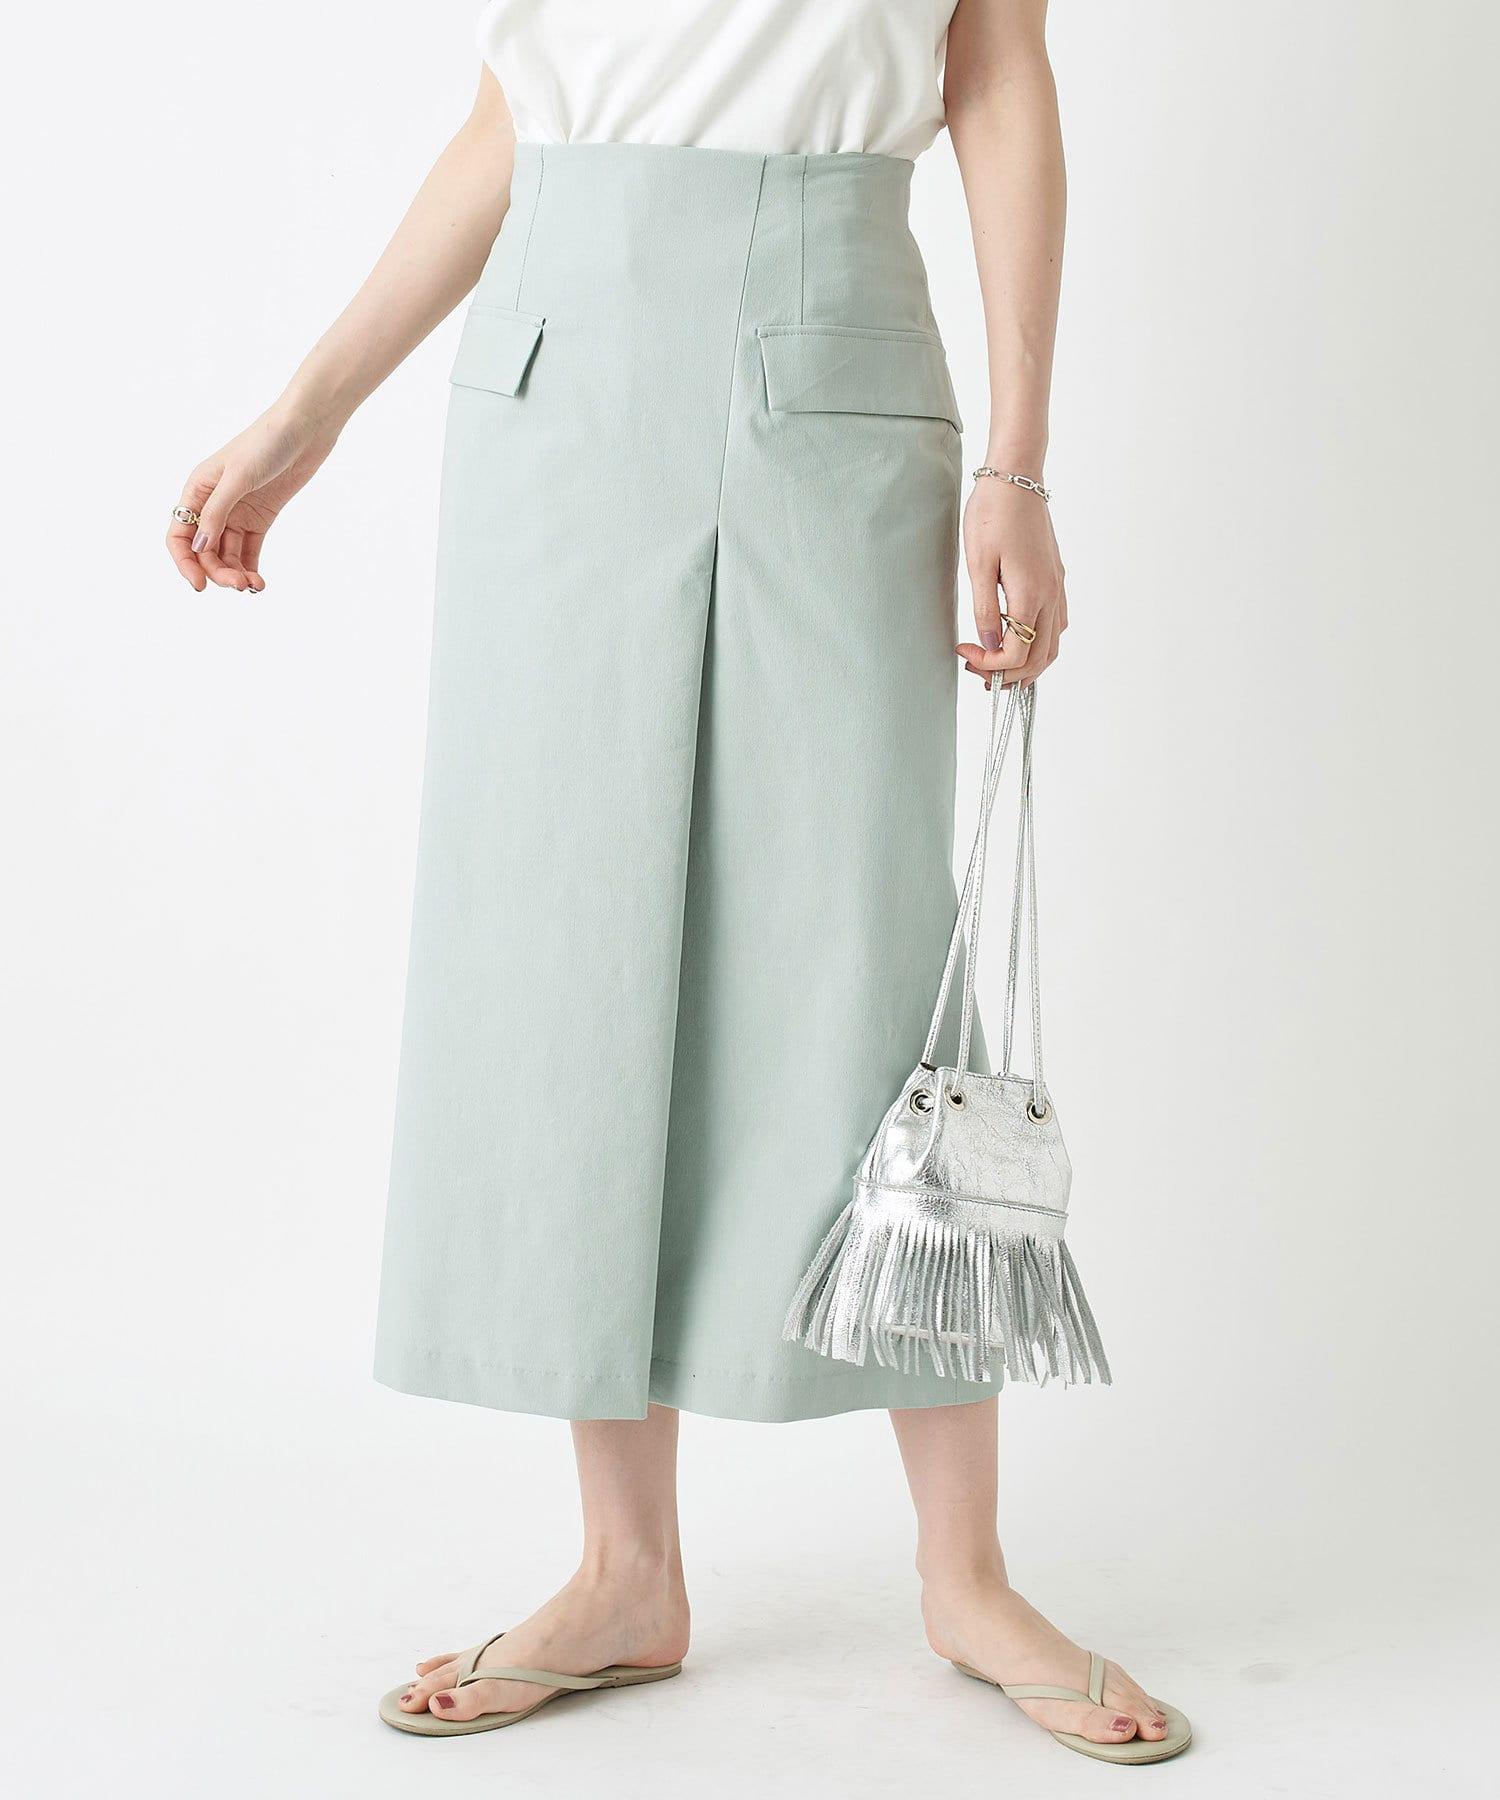 RIVE DROITE(リヴドロワ) レディース 【女らしさを盛り上げる】リネン混フラップスカート ミント